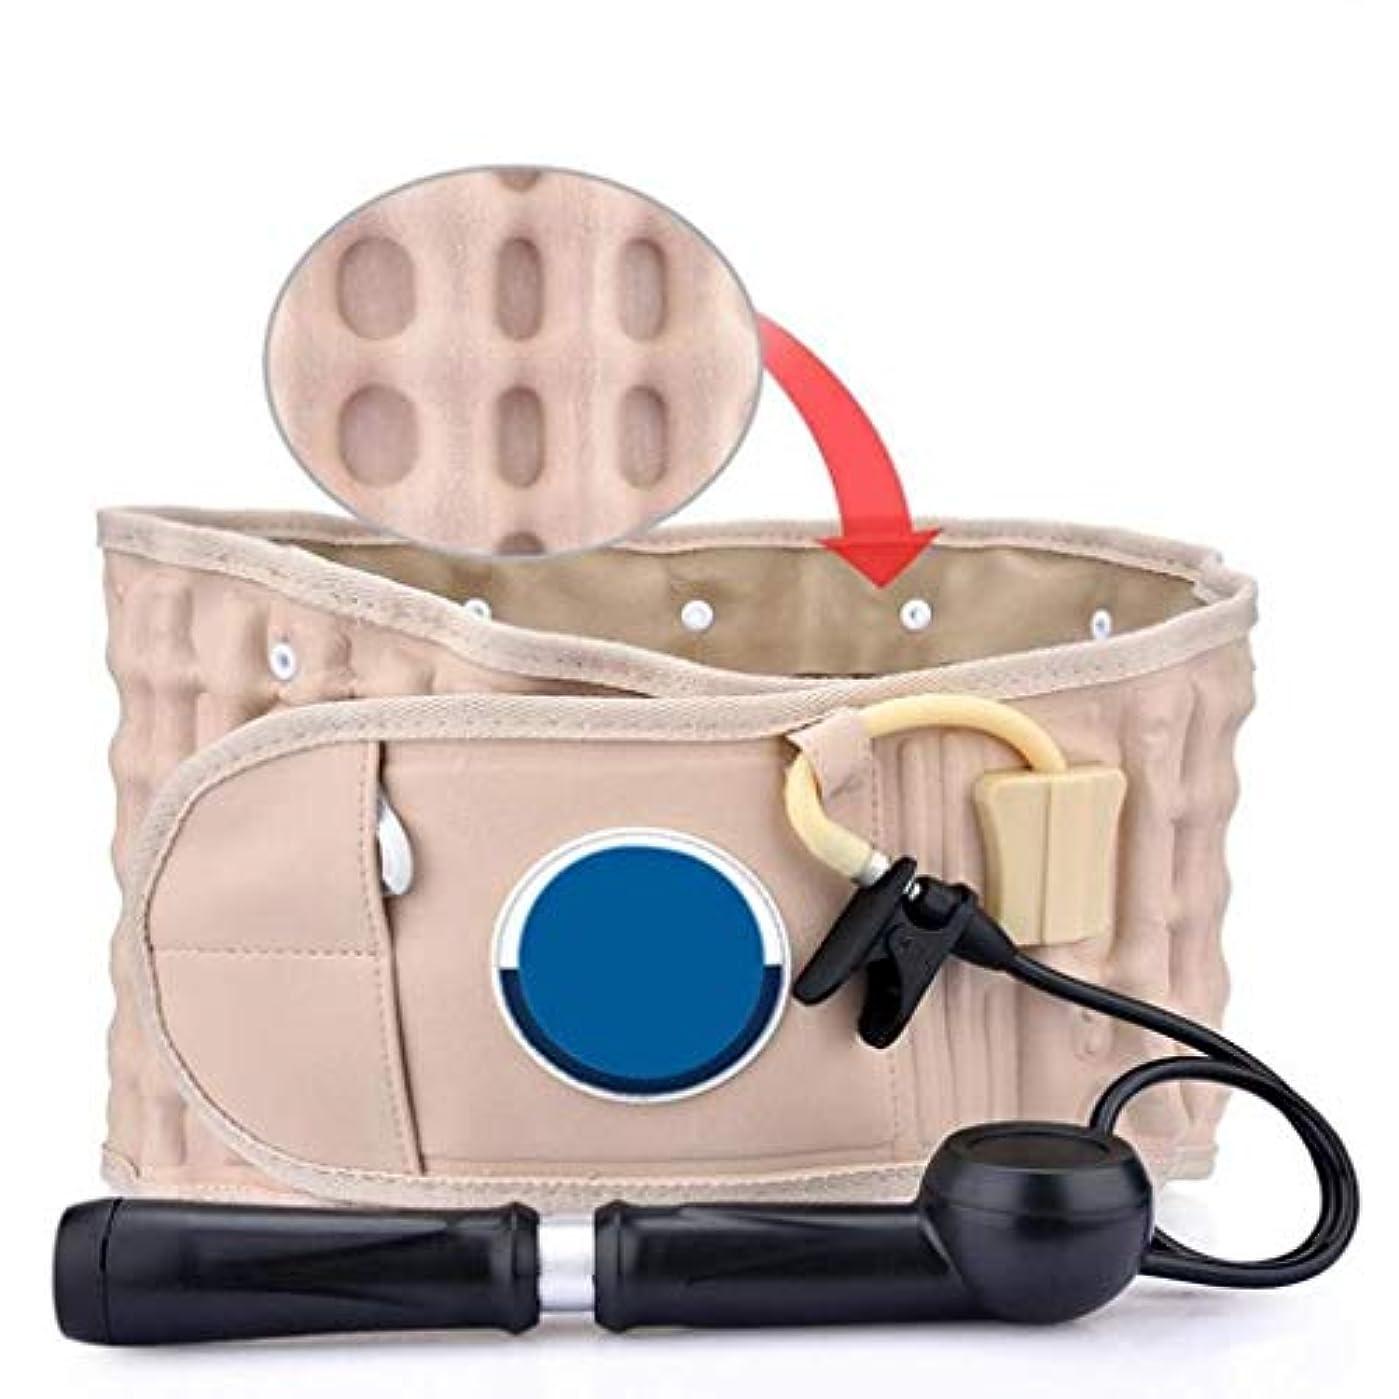 シリアル持参調べるウエストマッサージャー、2-in-1ストラップにより脊椎の変形が改善され、腰の圧力が低下し、姿勢装具 (Color : Apricot)